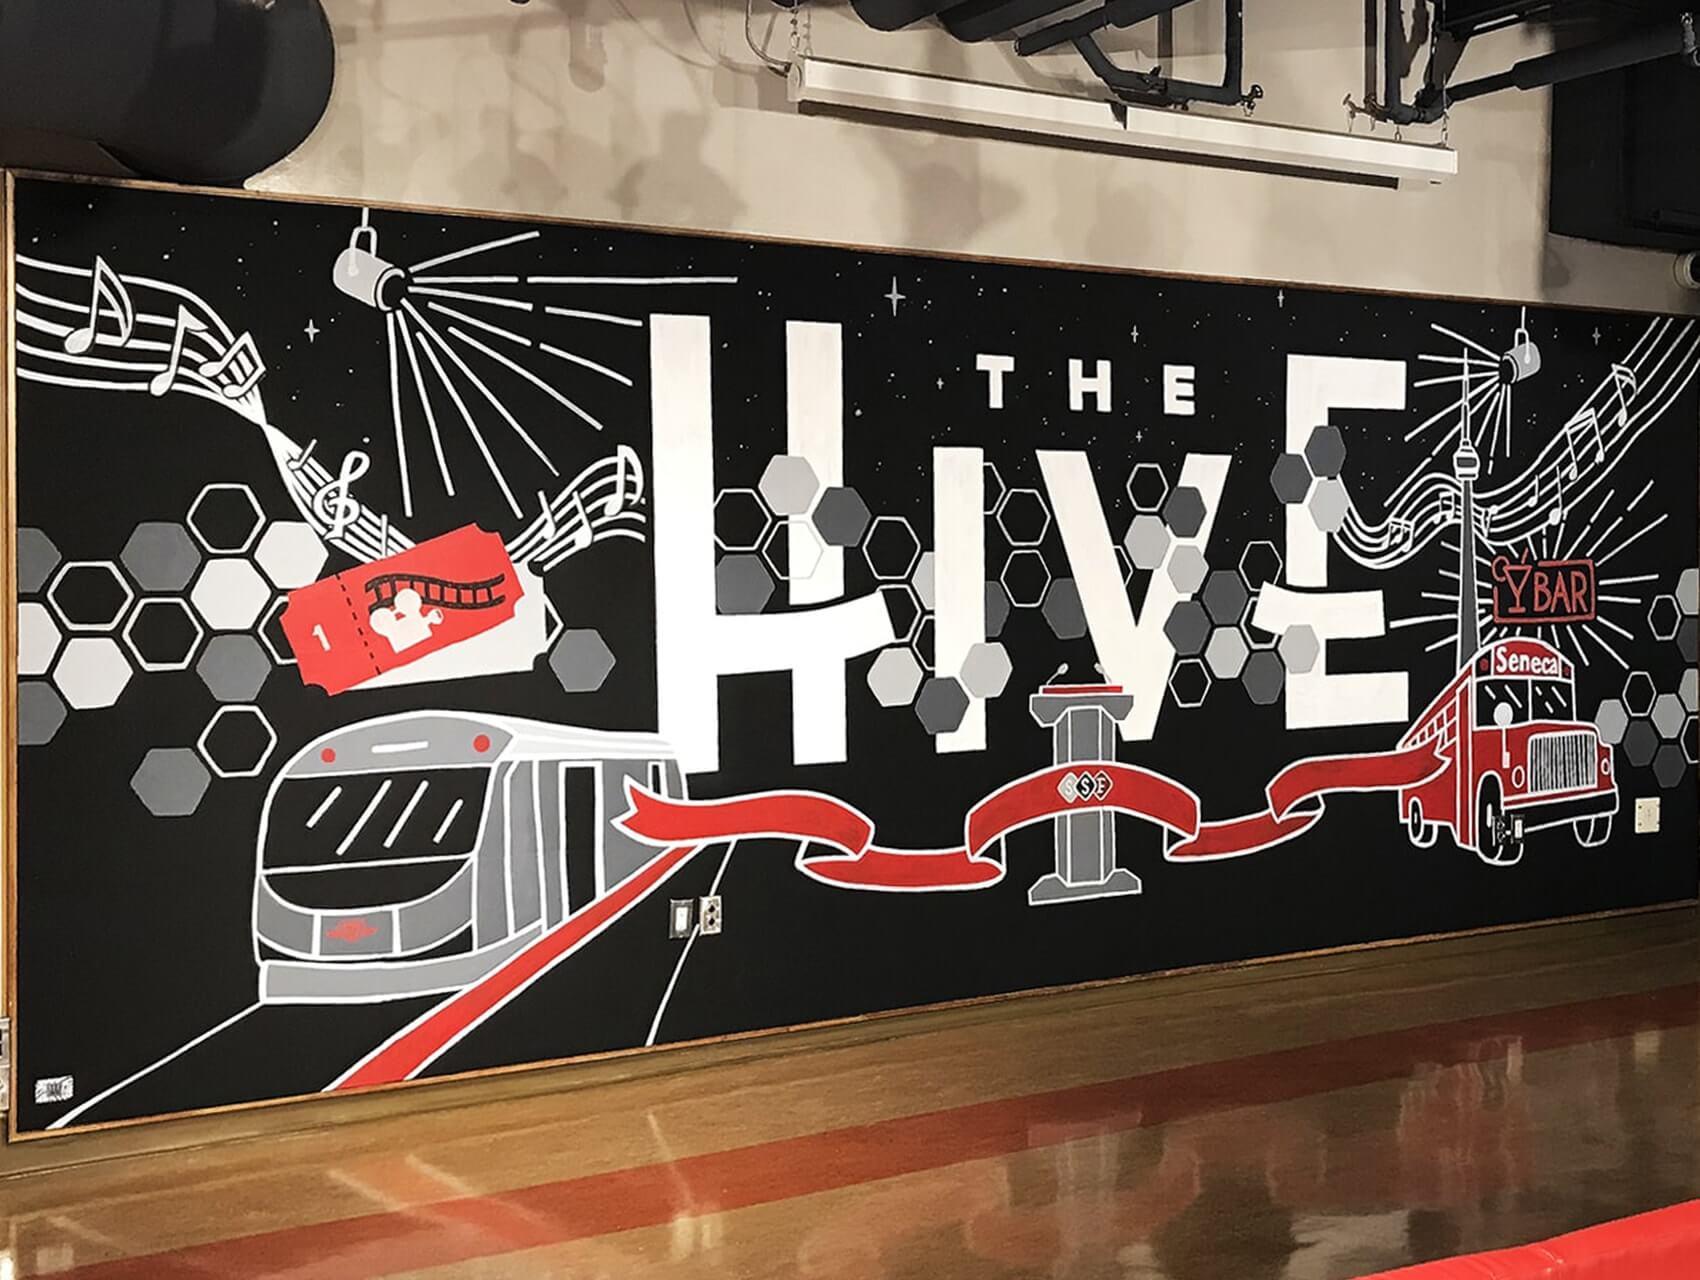 school art mural, toronto